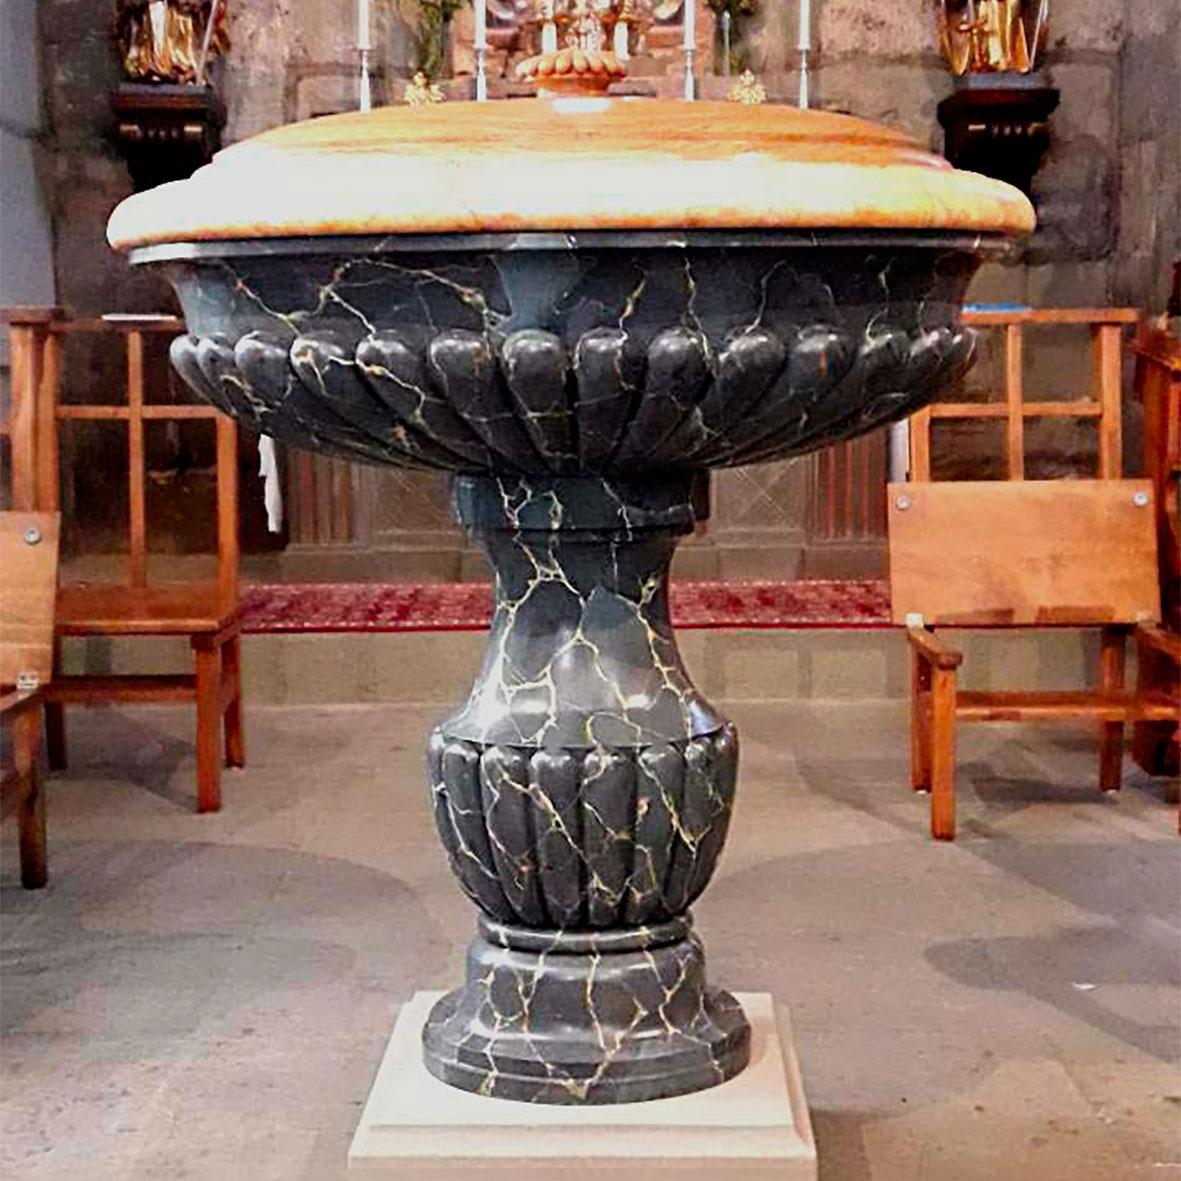 Baptistère en faux marbre sur bois par Roland Perret. Sculpture de Marc Frohn.Peinture en trompe-l'oeil de Roland Perret. illusions-murales.com